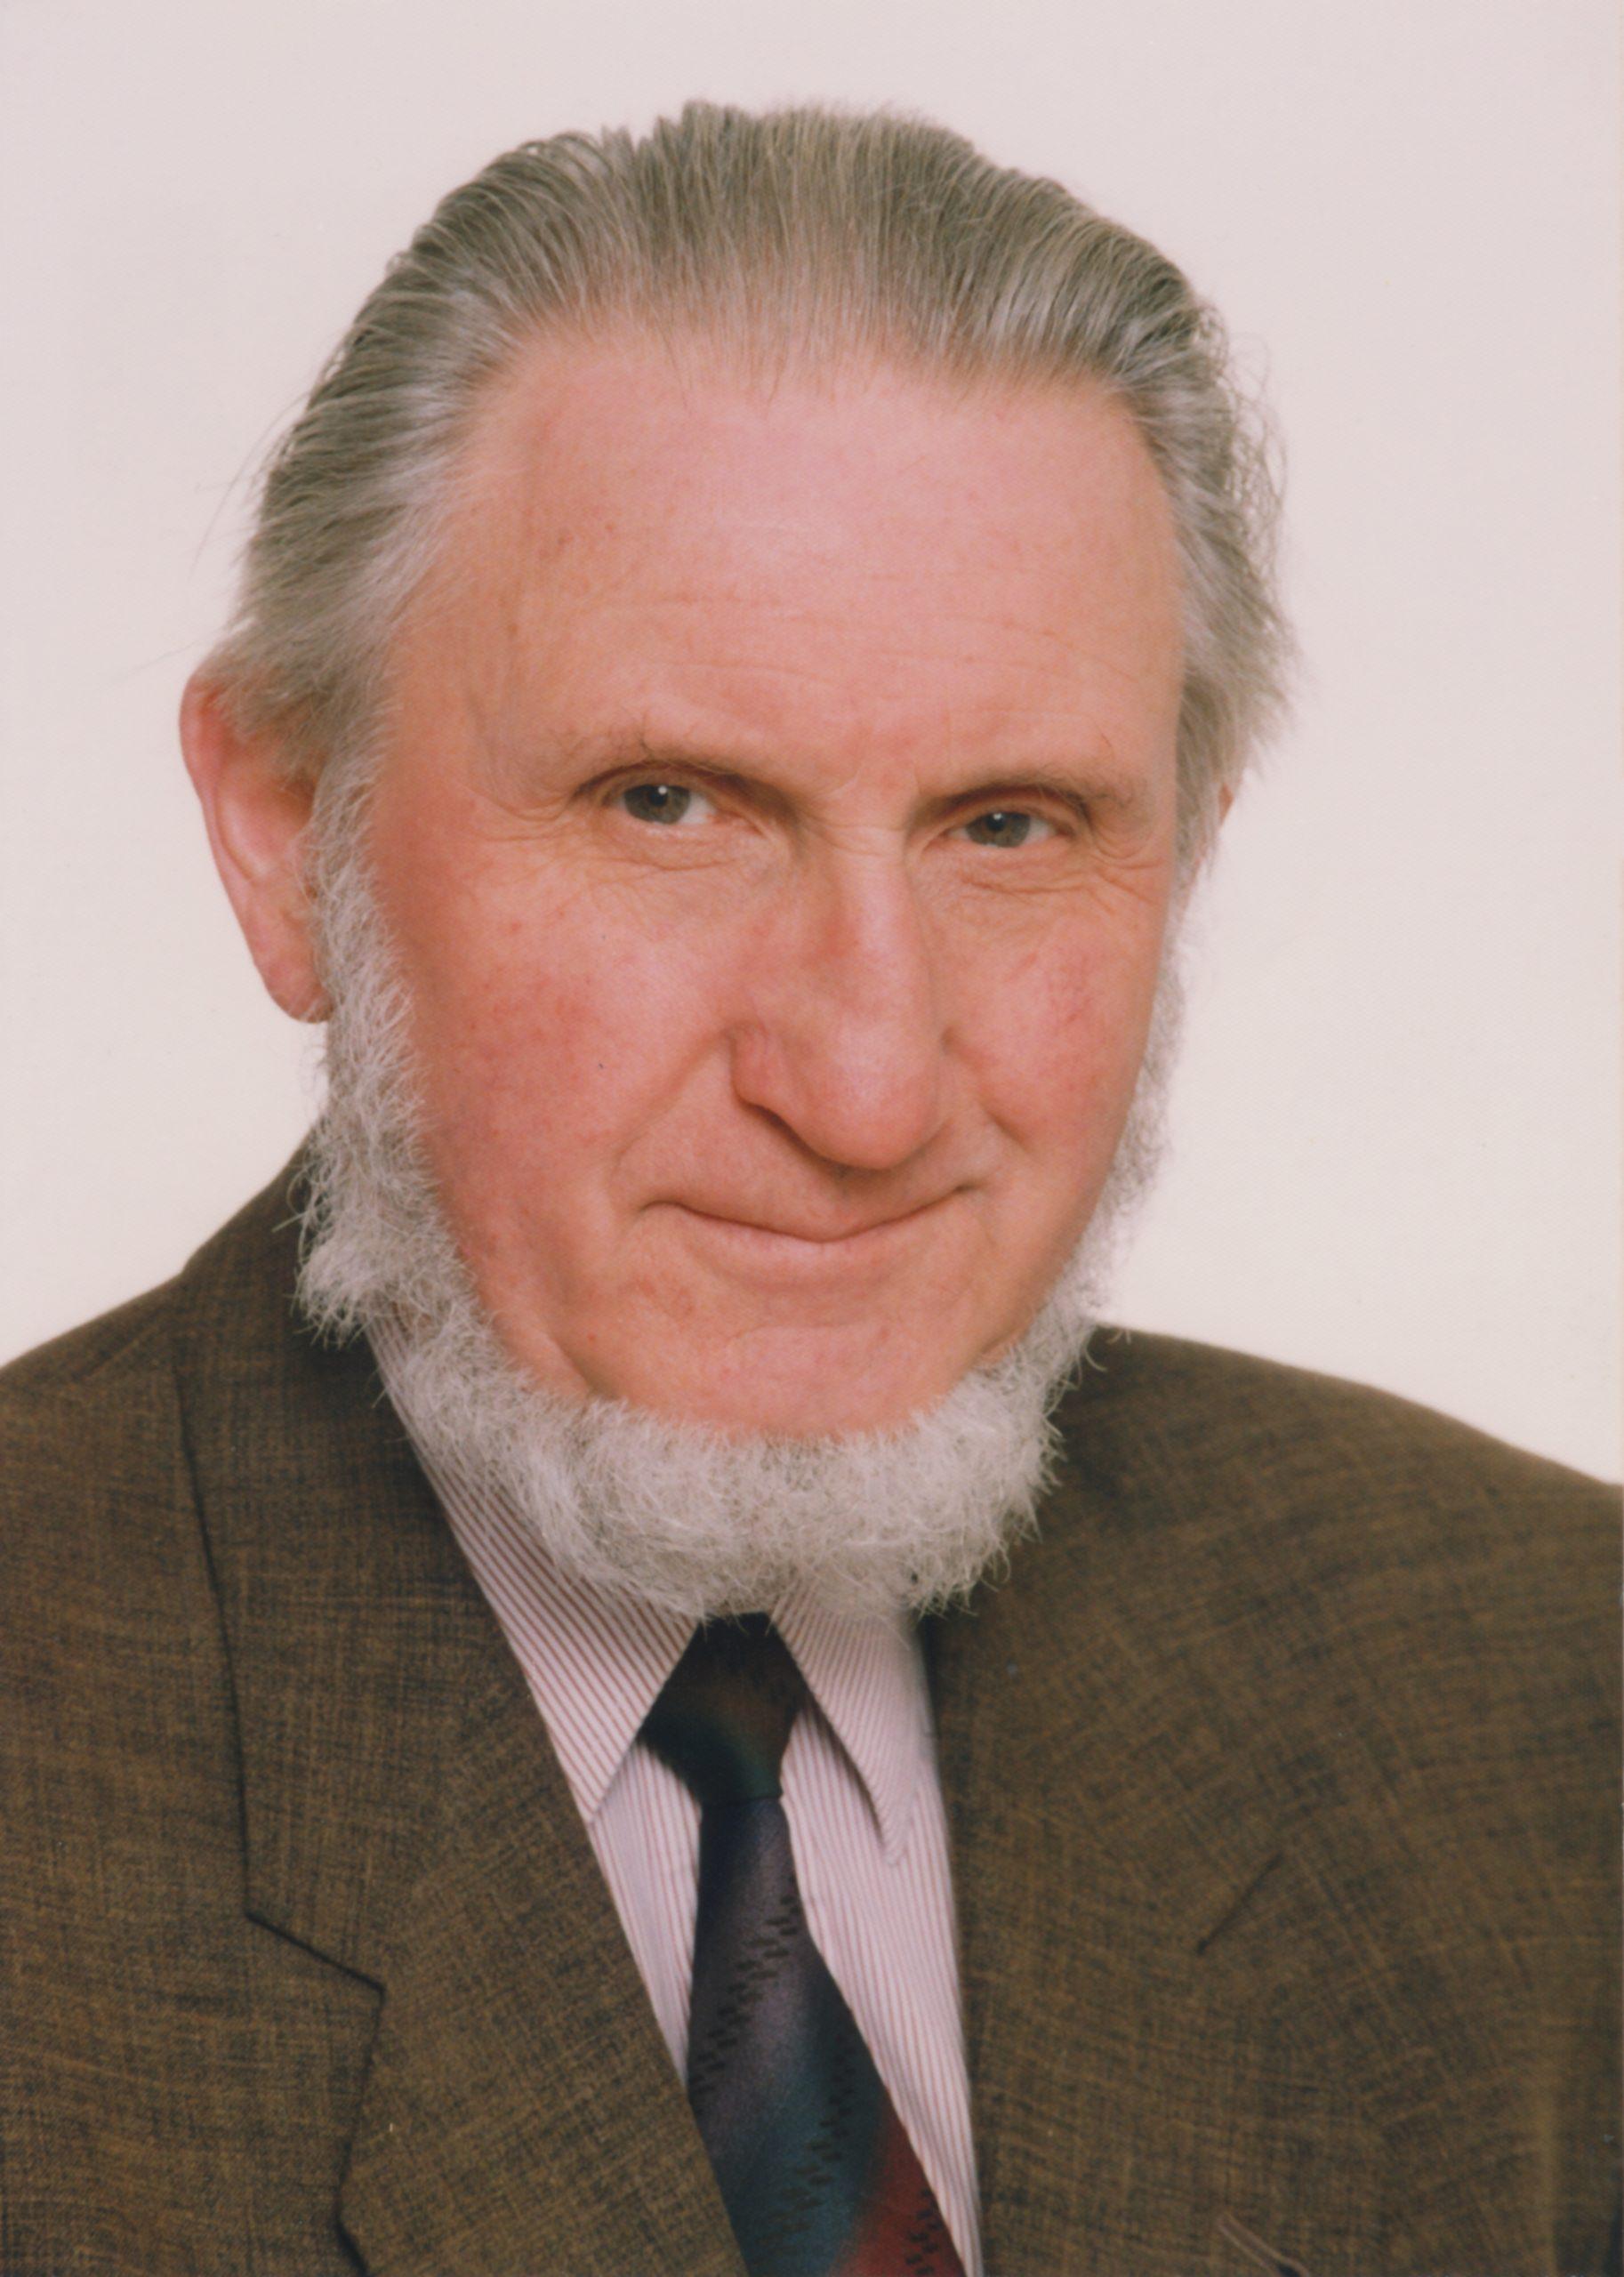 Schlenker, Manfred